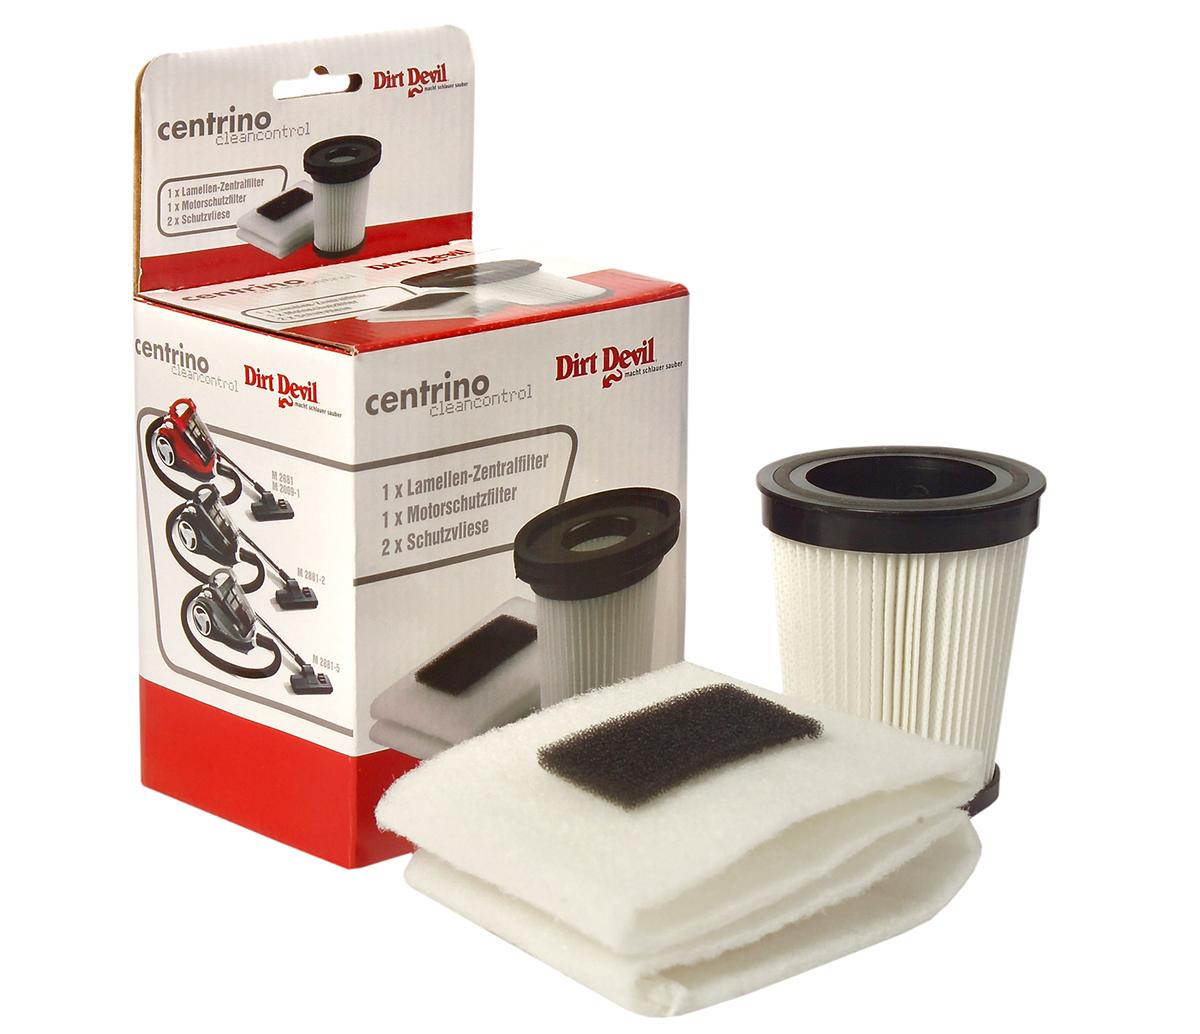 Filter Motorschutzfilter 2 Vlies Set Staubsauger Orginal Dirt Devil 2881001